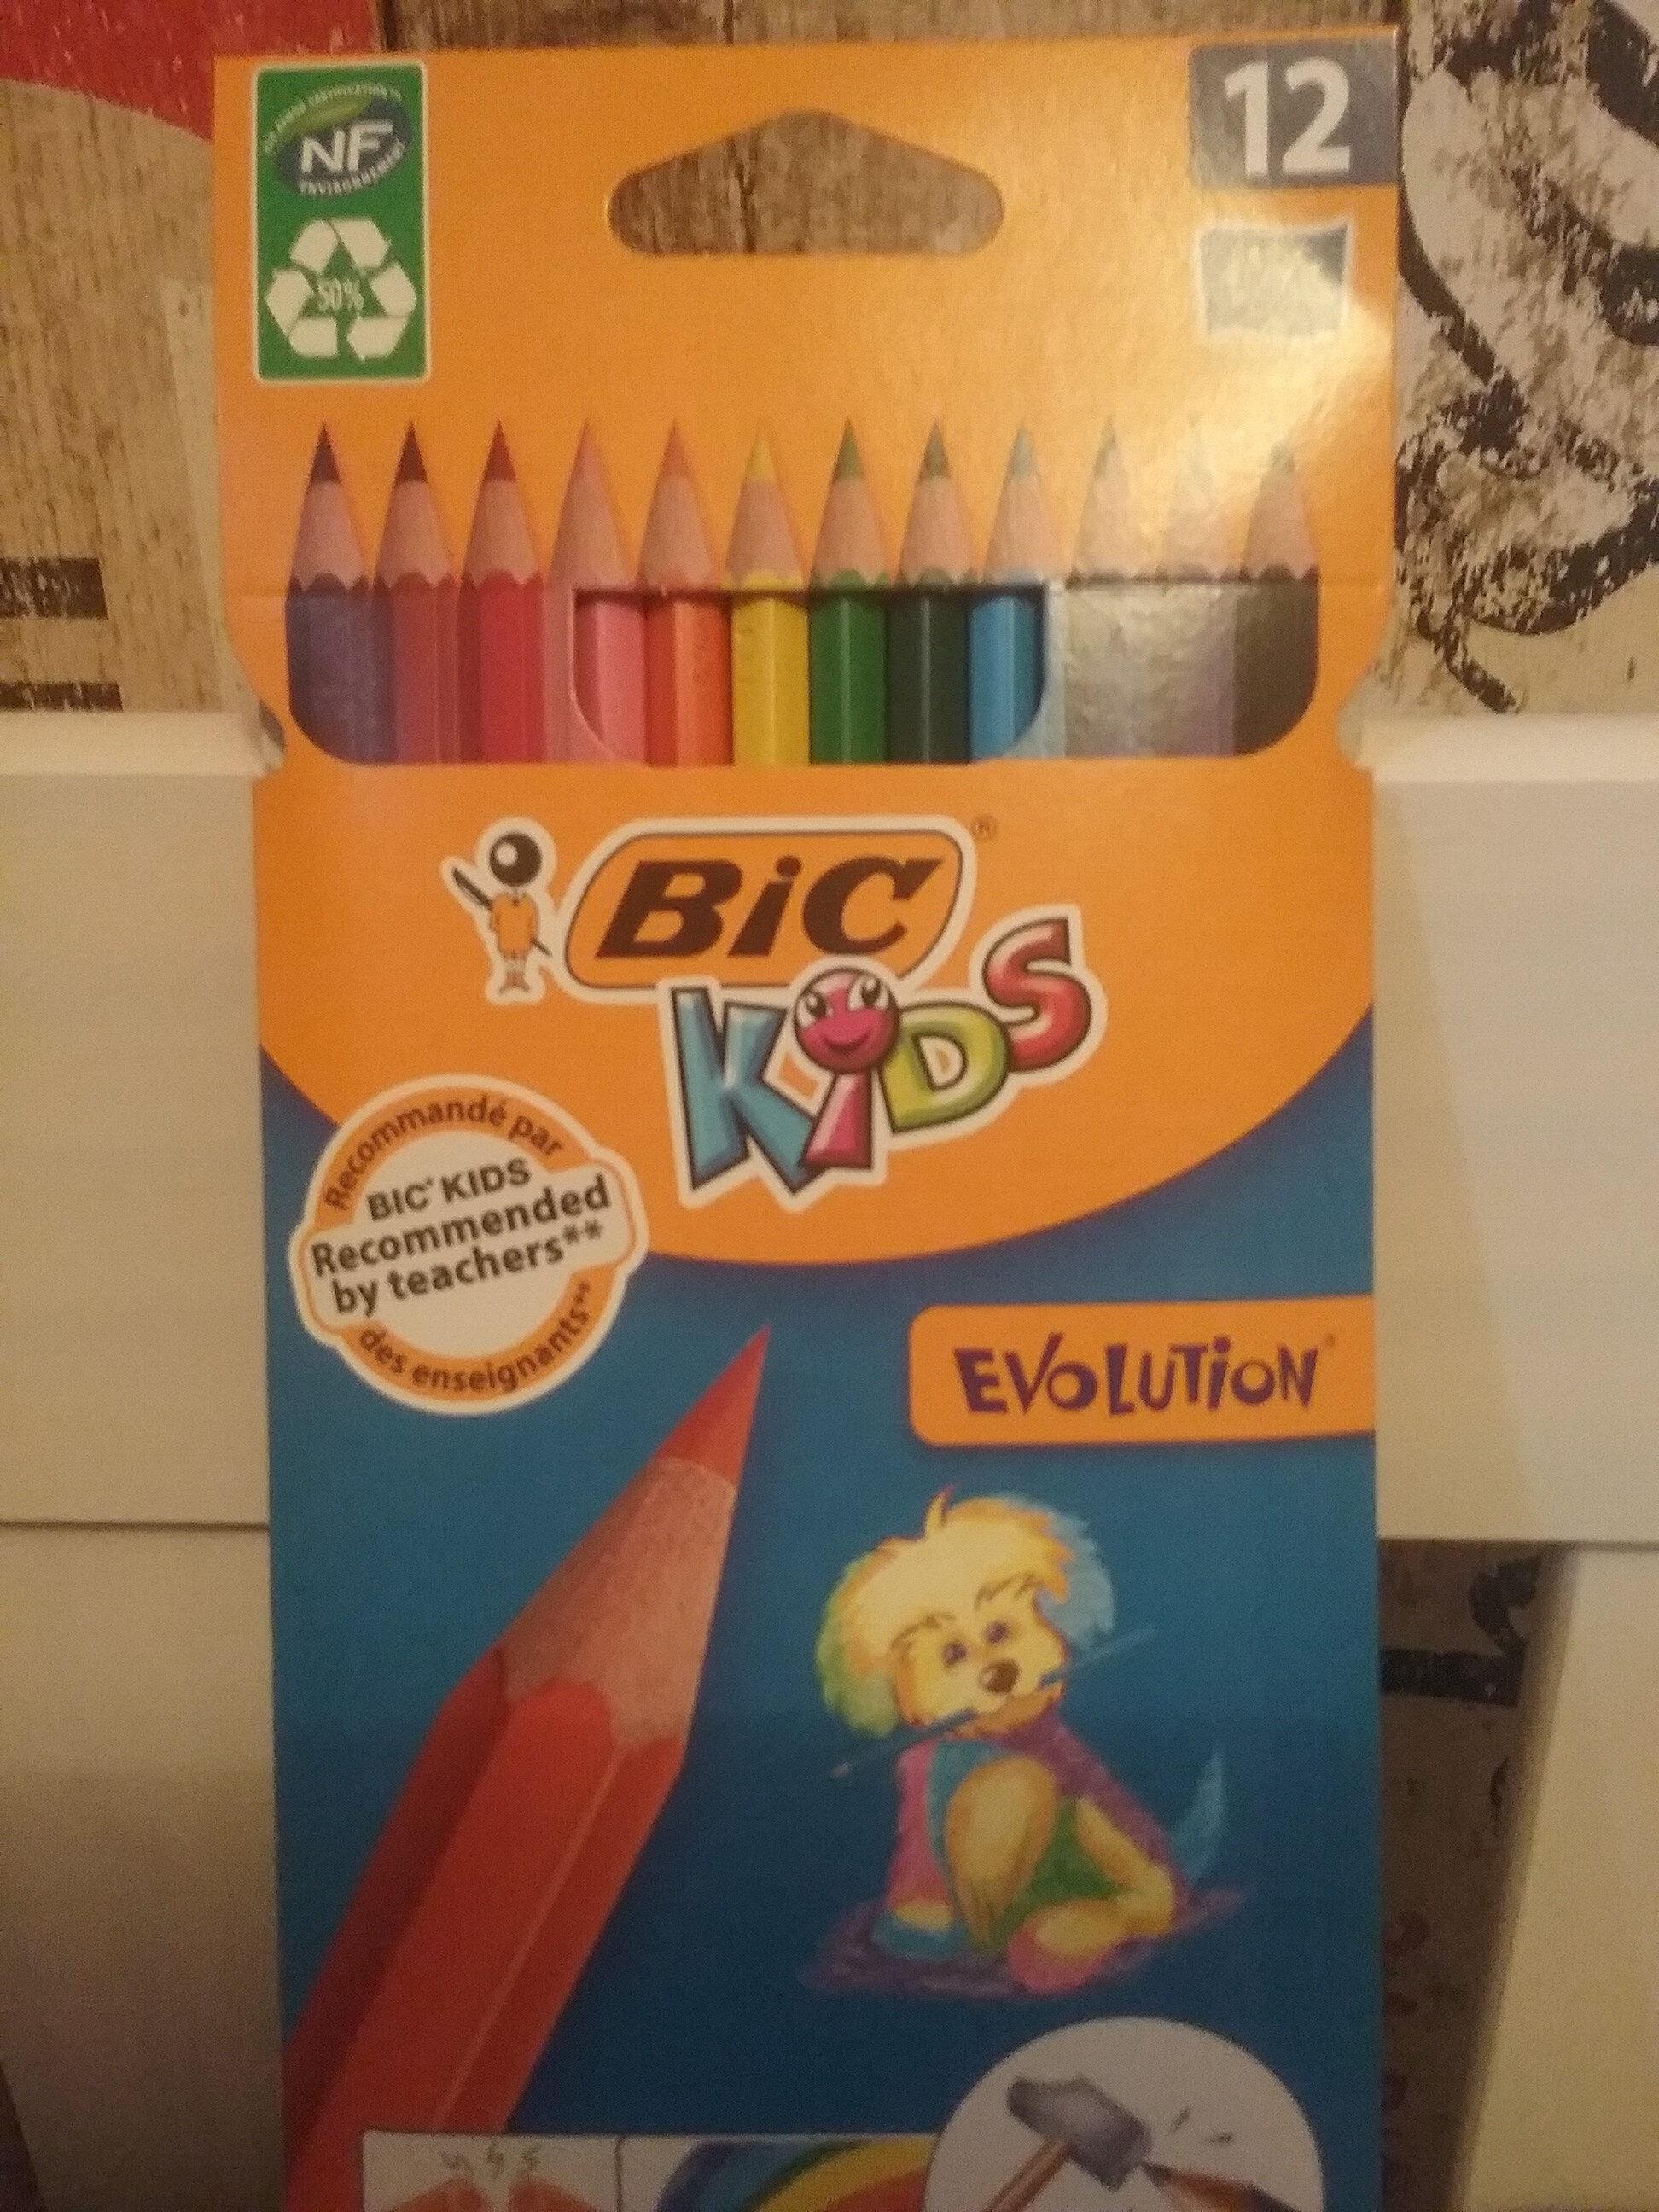 bic kids evolution - Product - en